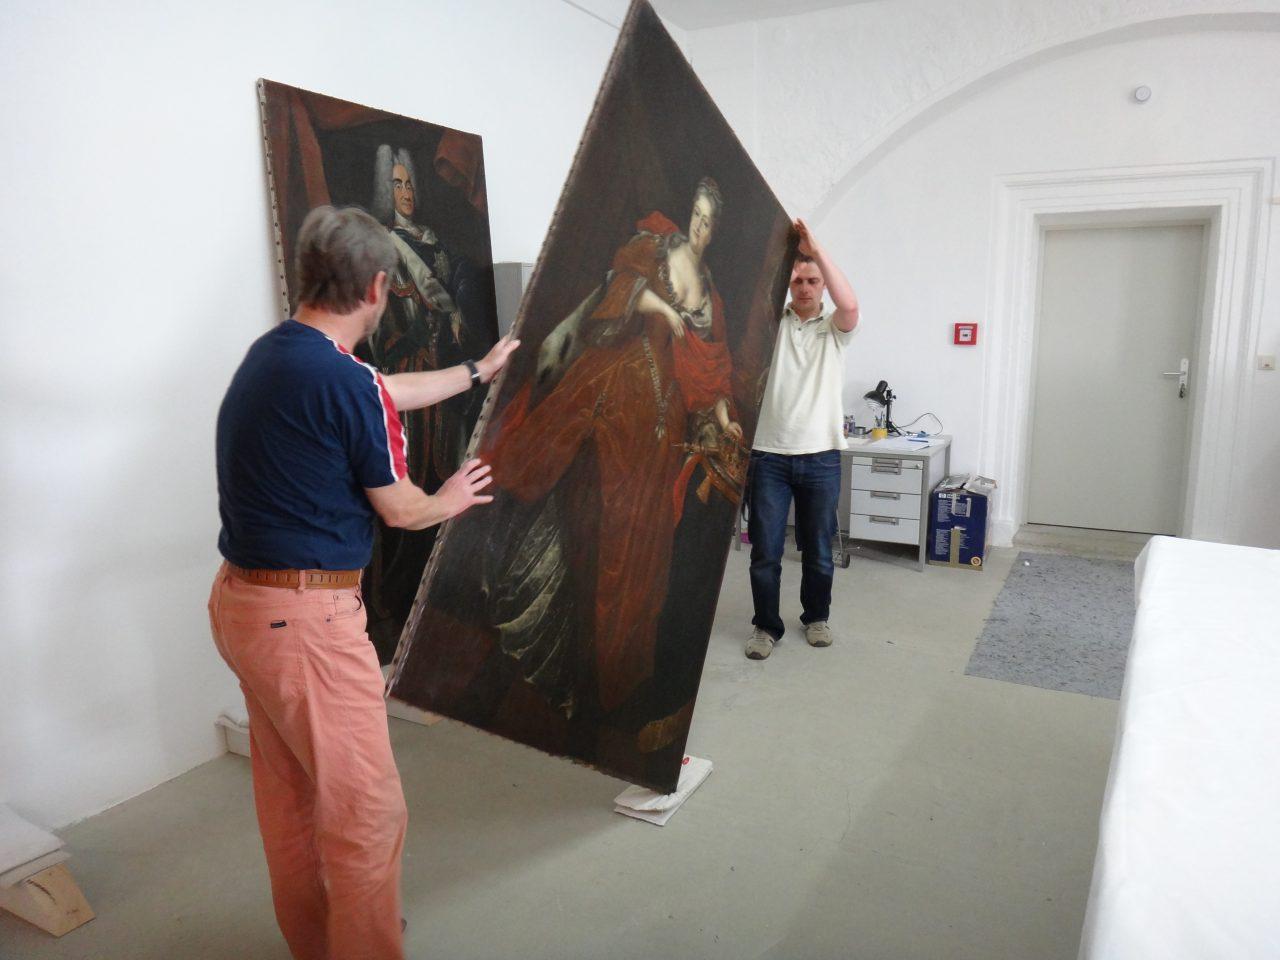 Mitarbeiter beim Aufstellen der zu rahmenden Gemälde